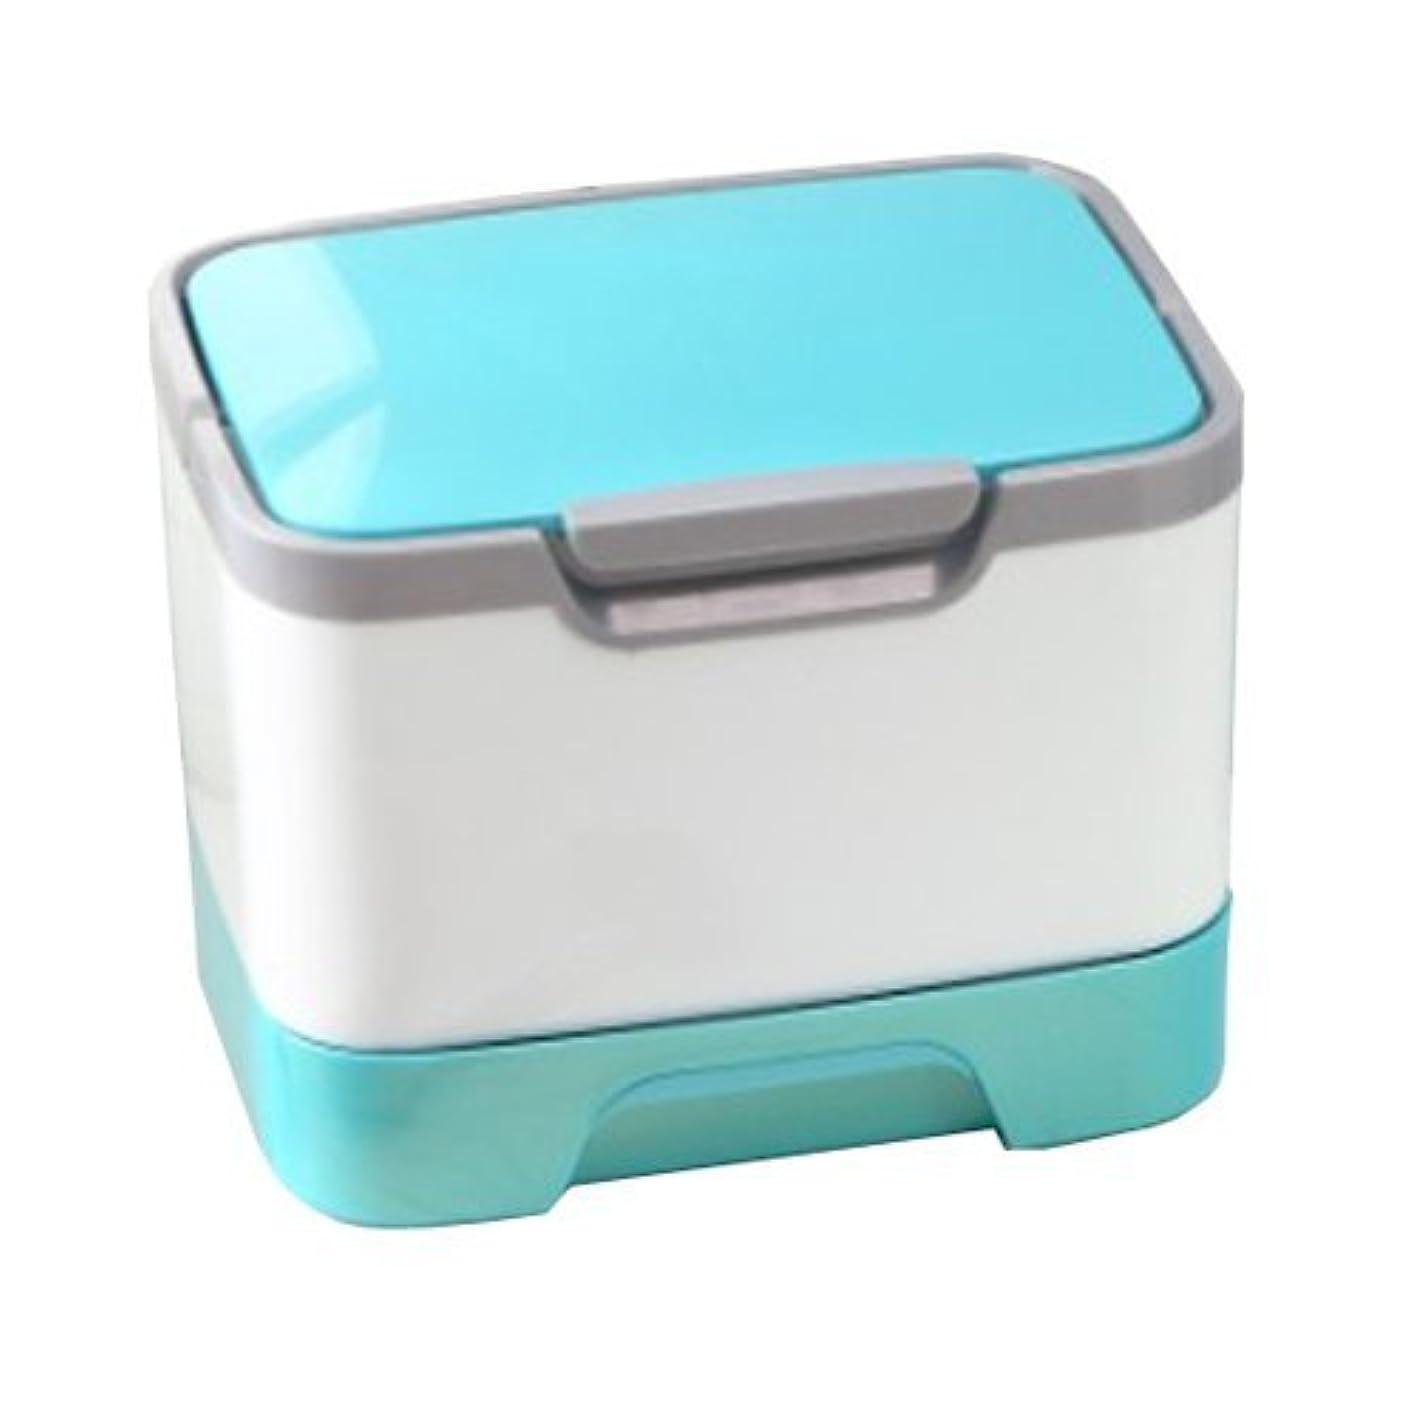 シンポジウム長方形立ち向かうメイクボックス 大容量 かわいい 鏡付き プロも納得 コスメの収納に (ピンク、ブルー、グリーン)